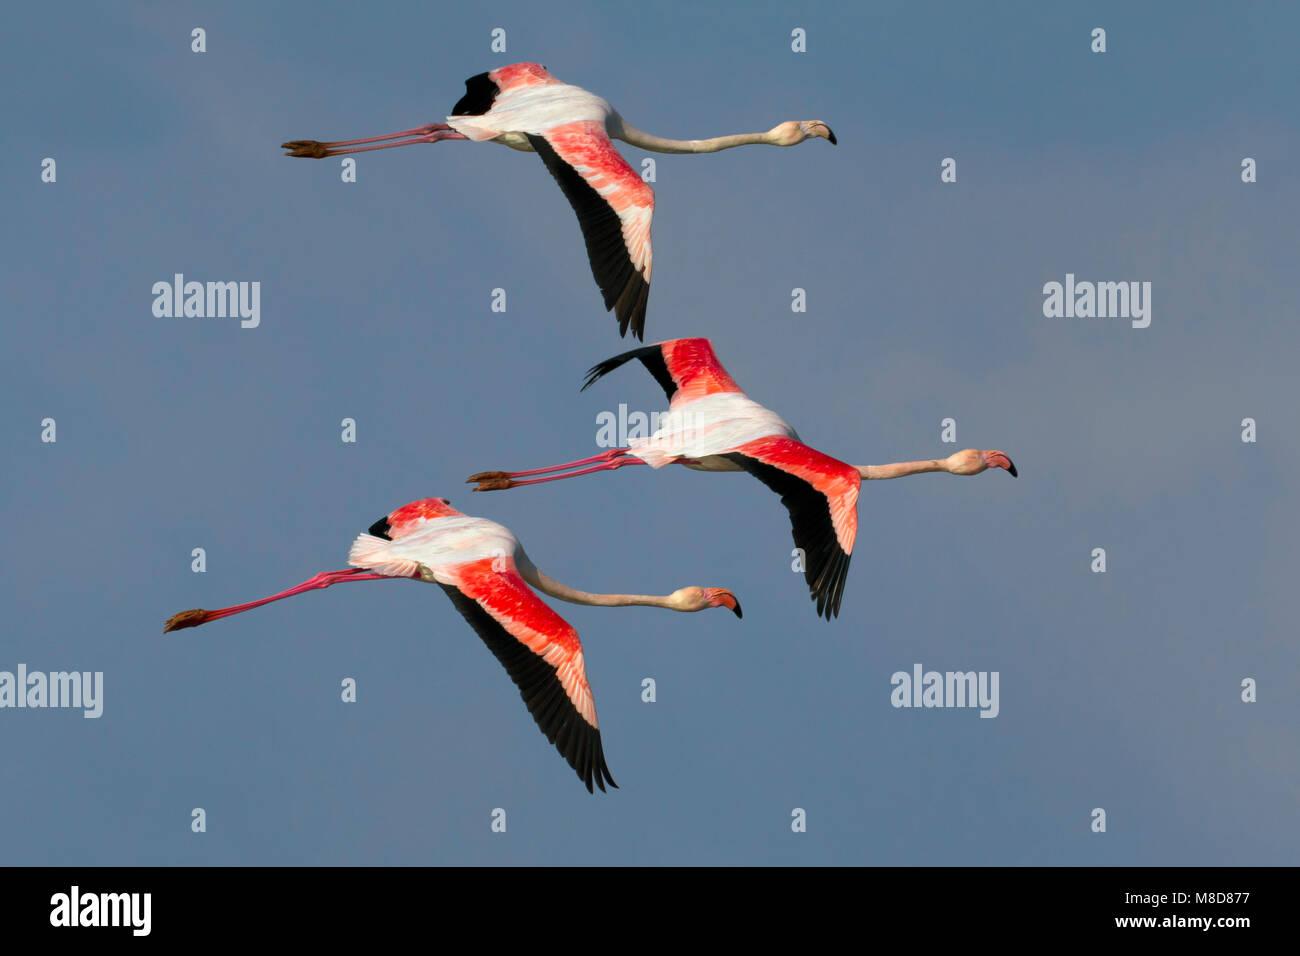 Flamingo's in de viaje en avión; plus grande des flamants roses en vol Photo Stock